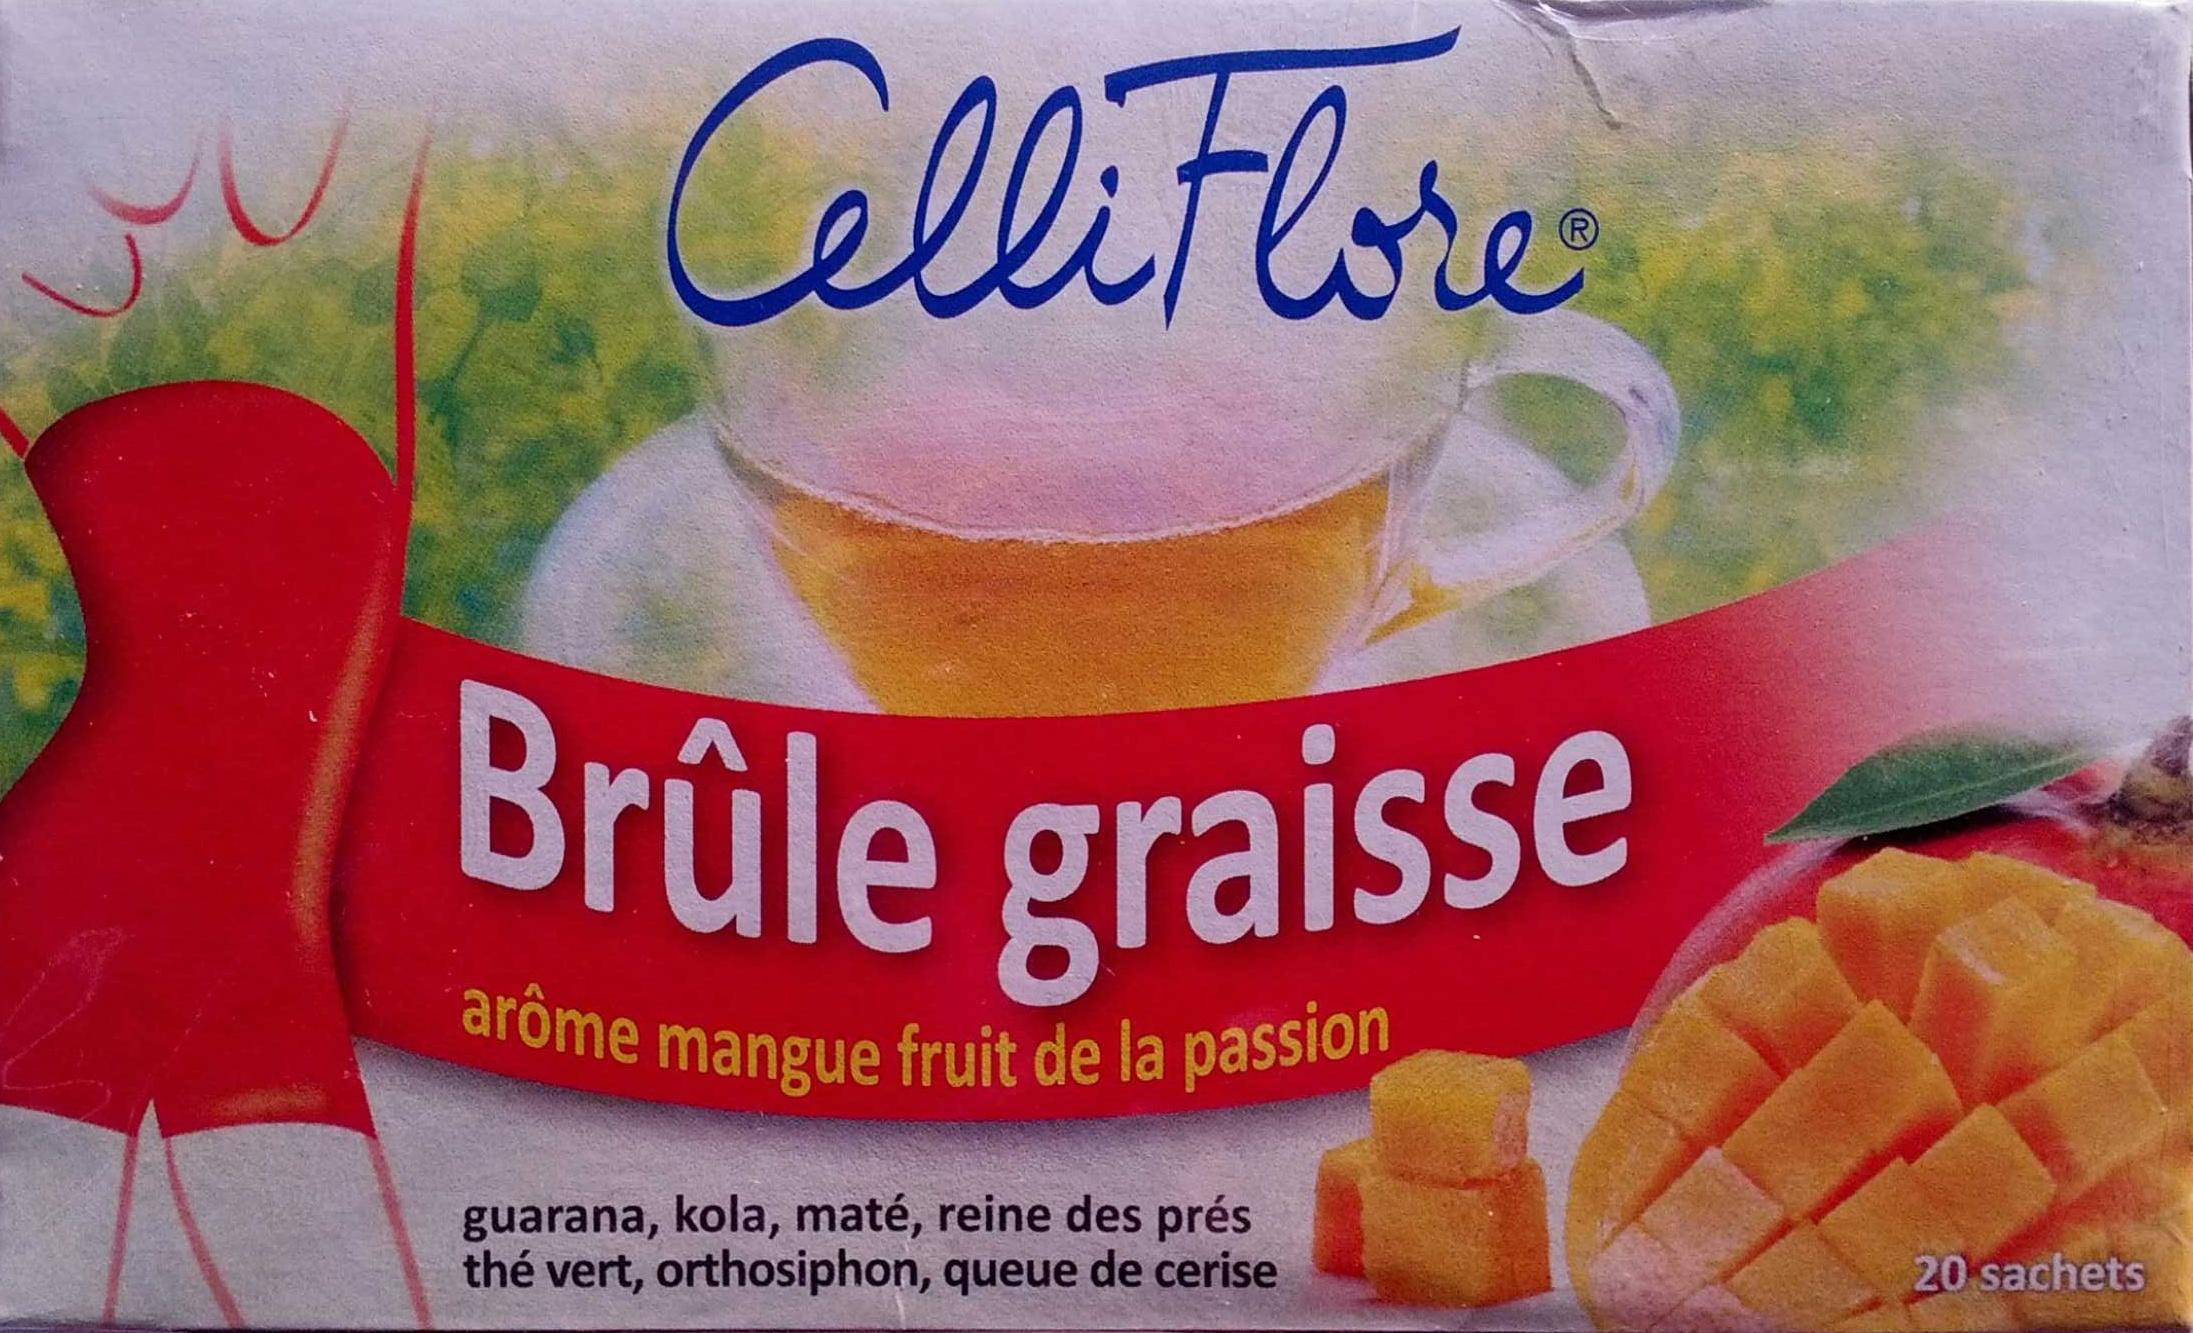 Br le graisse celliflore 30 g - Nettoyer graisse brulee four ...